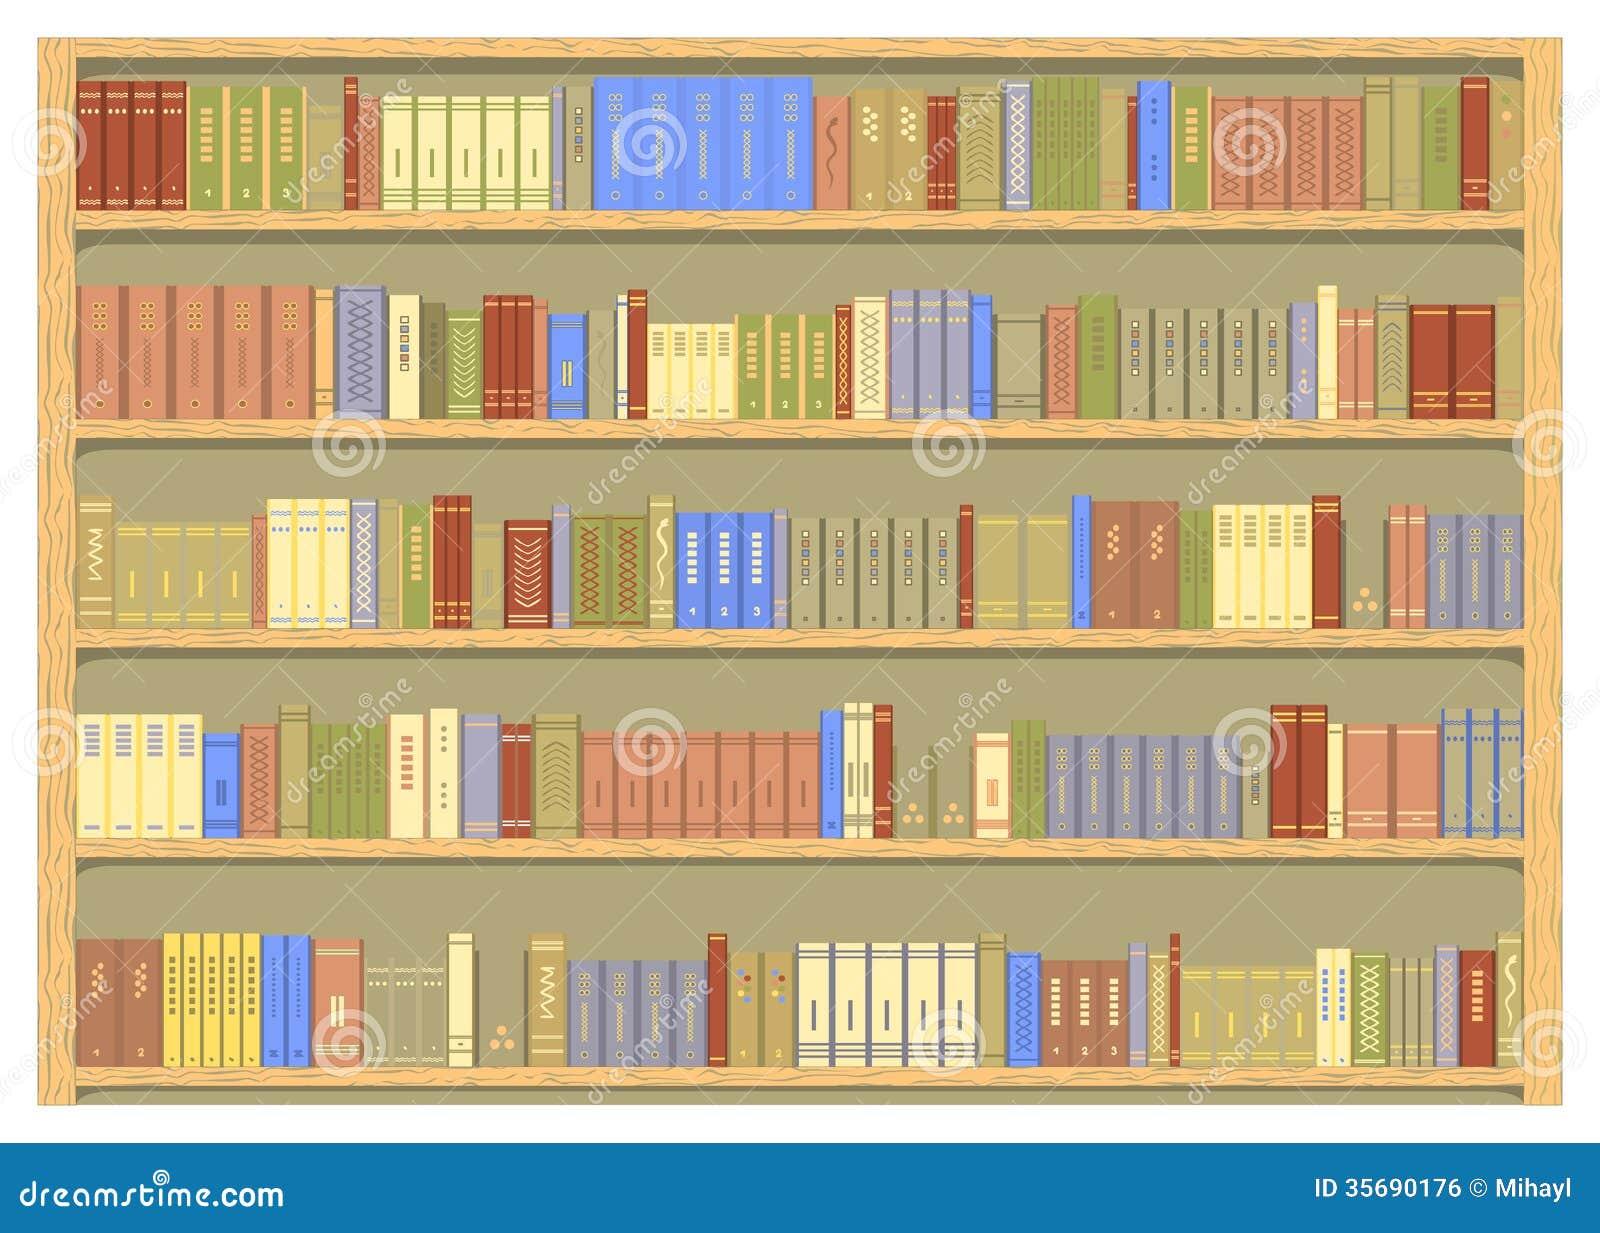 Bookshelf Royalty Free Stock Image Image 35690176